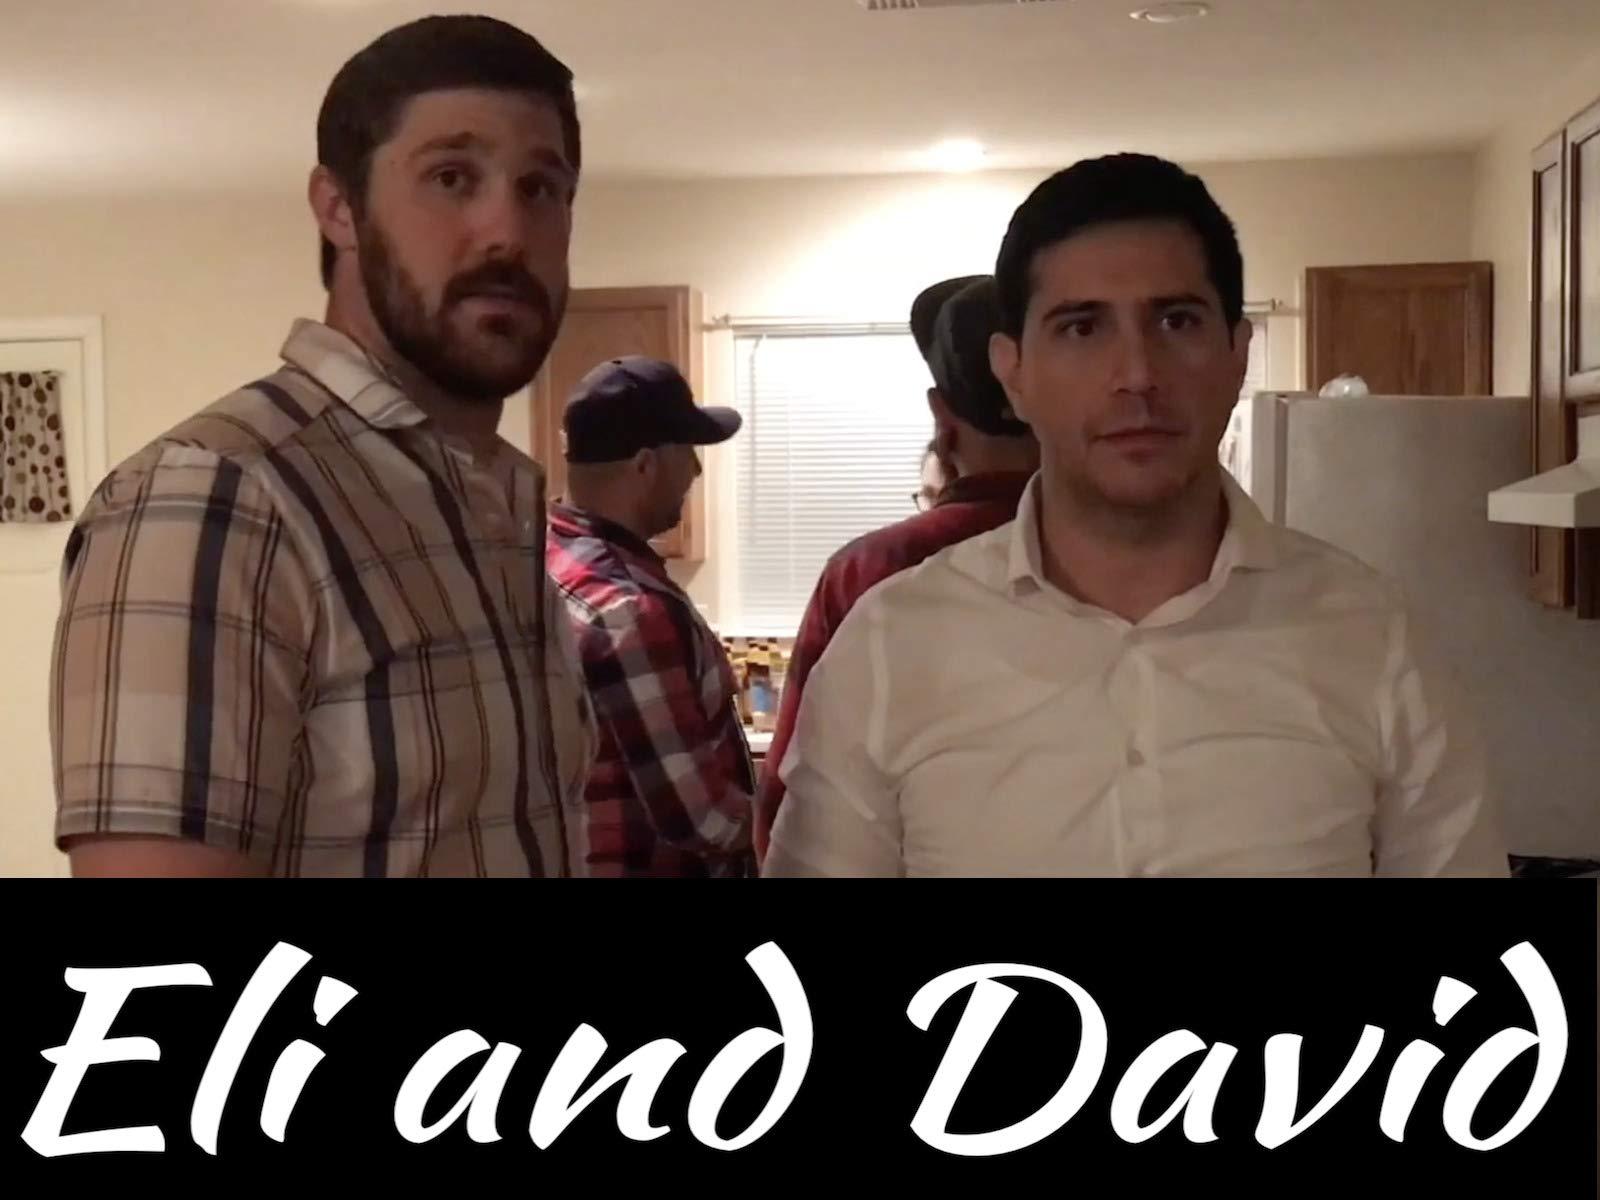 Eli and David